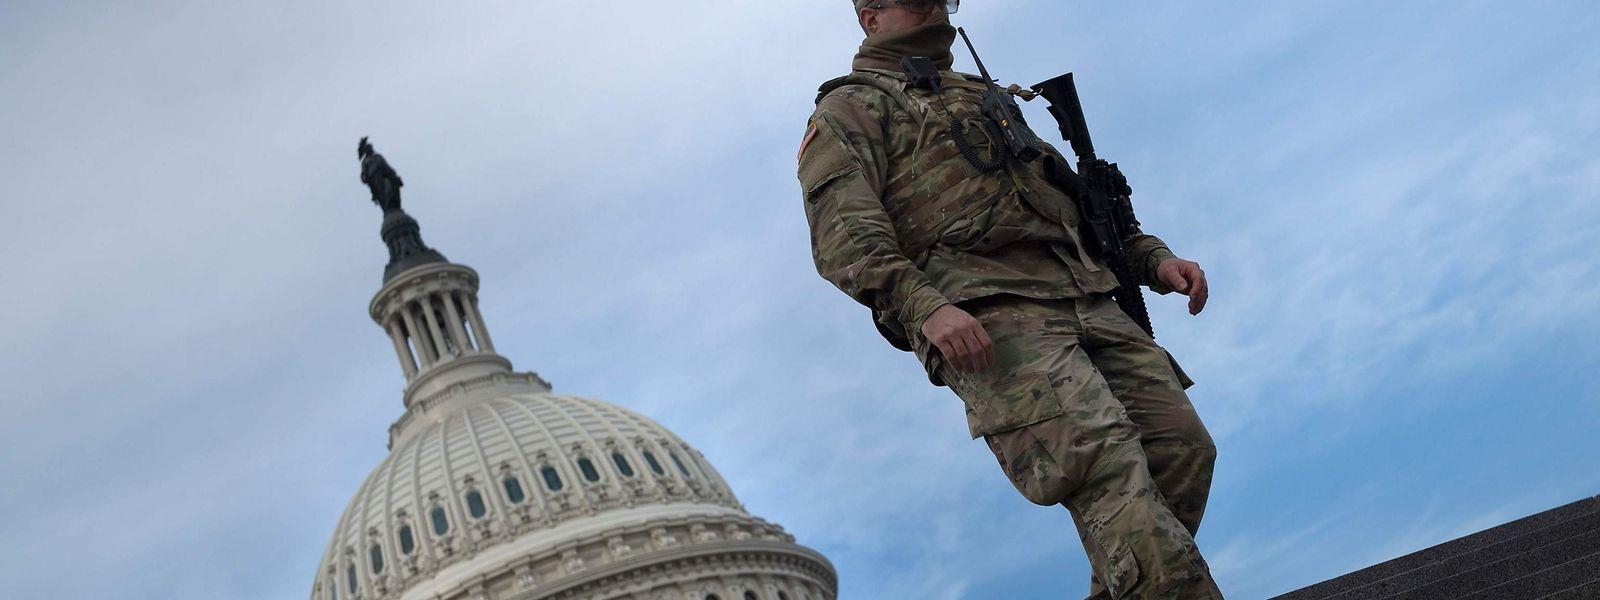 Was mit zahllosen vermeintlich harmlosen Tweets begann, endete mit der Erstürmung des Kapitols in Washington.